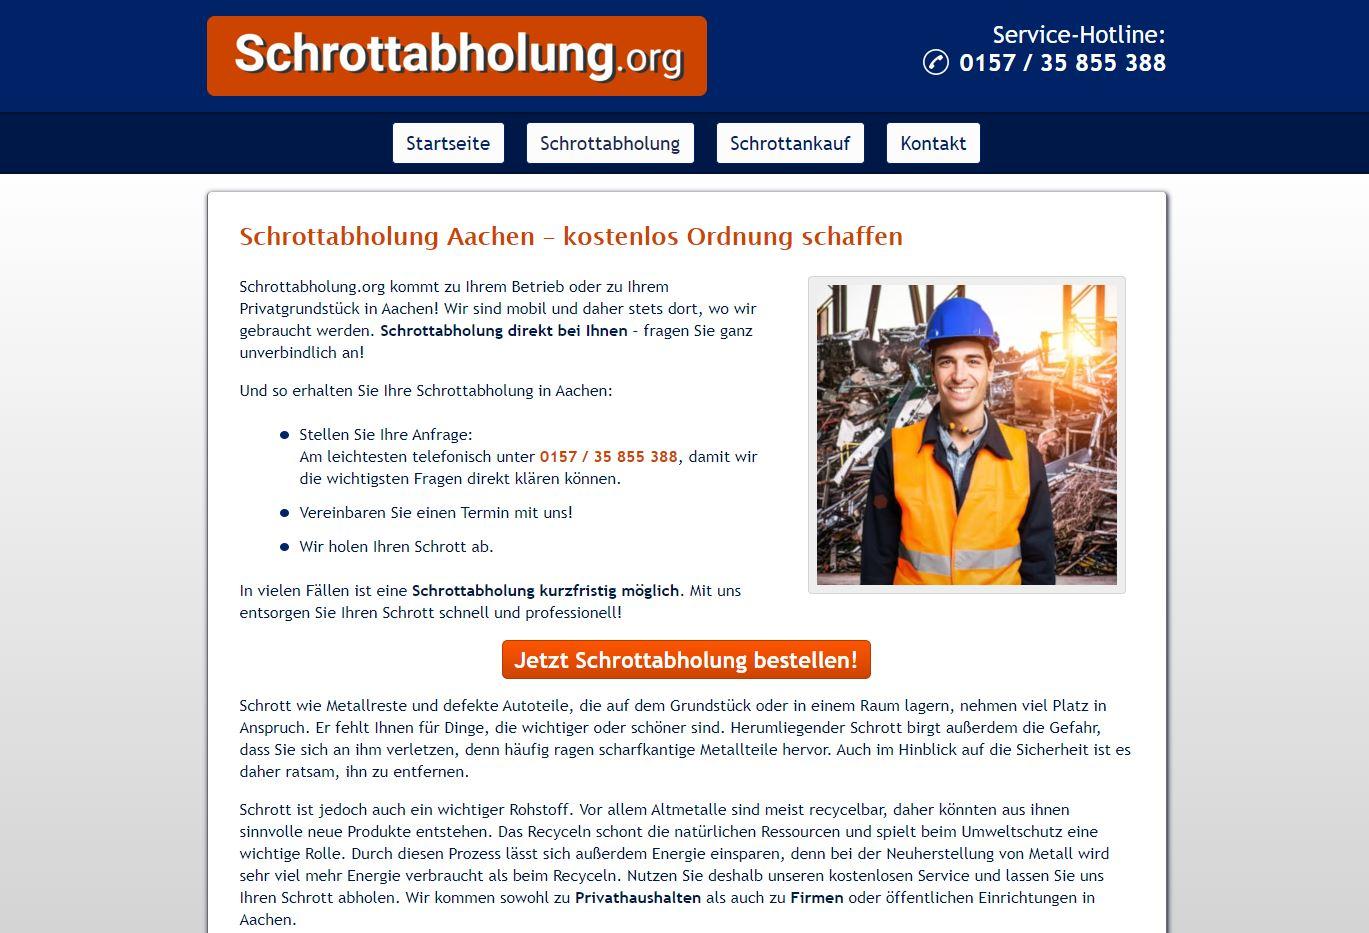 Schrottabholung Aachen